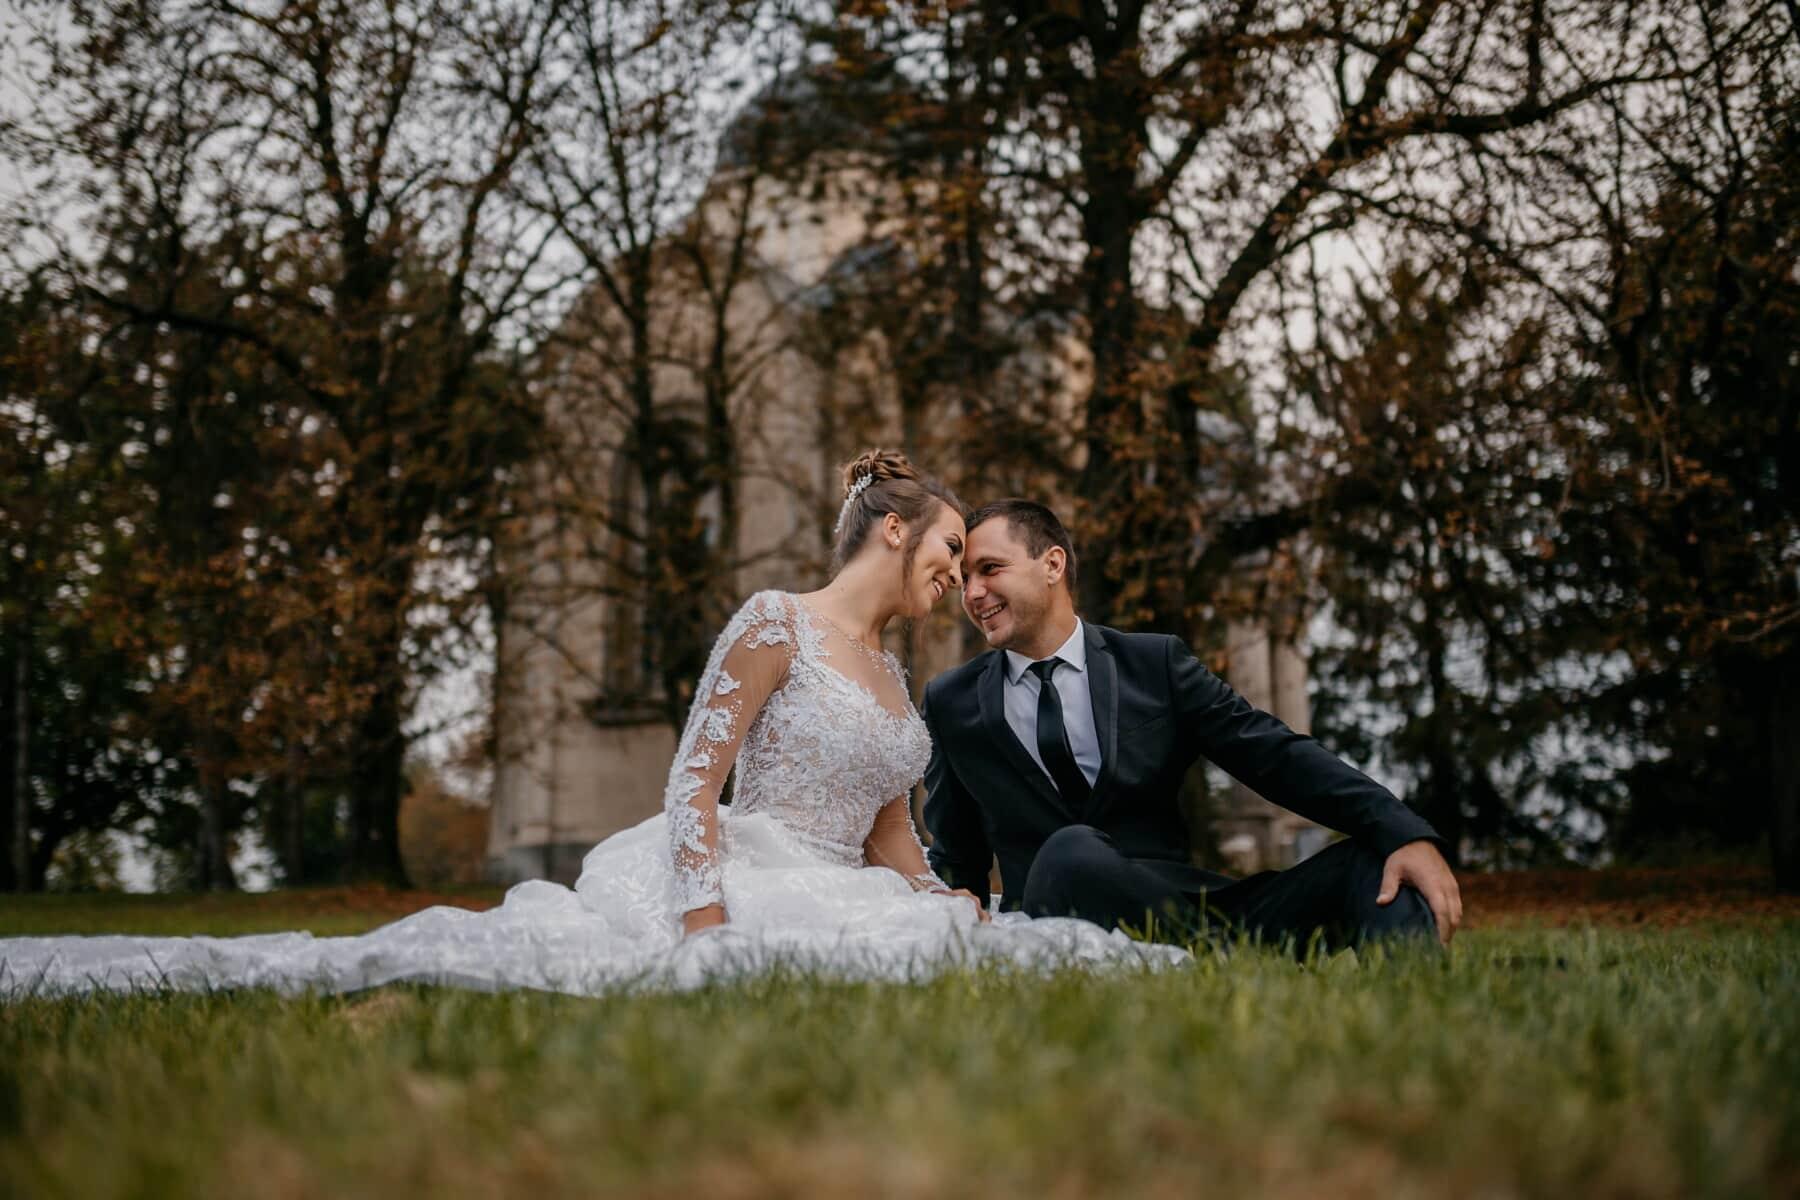 panna młoda, piknik, pan młody, Zielona trawa, przyjemność, poza, miłość, para, ślub, małżeństwo